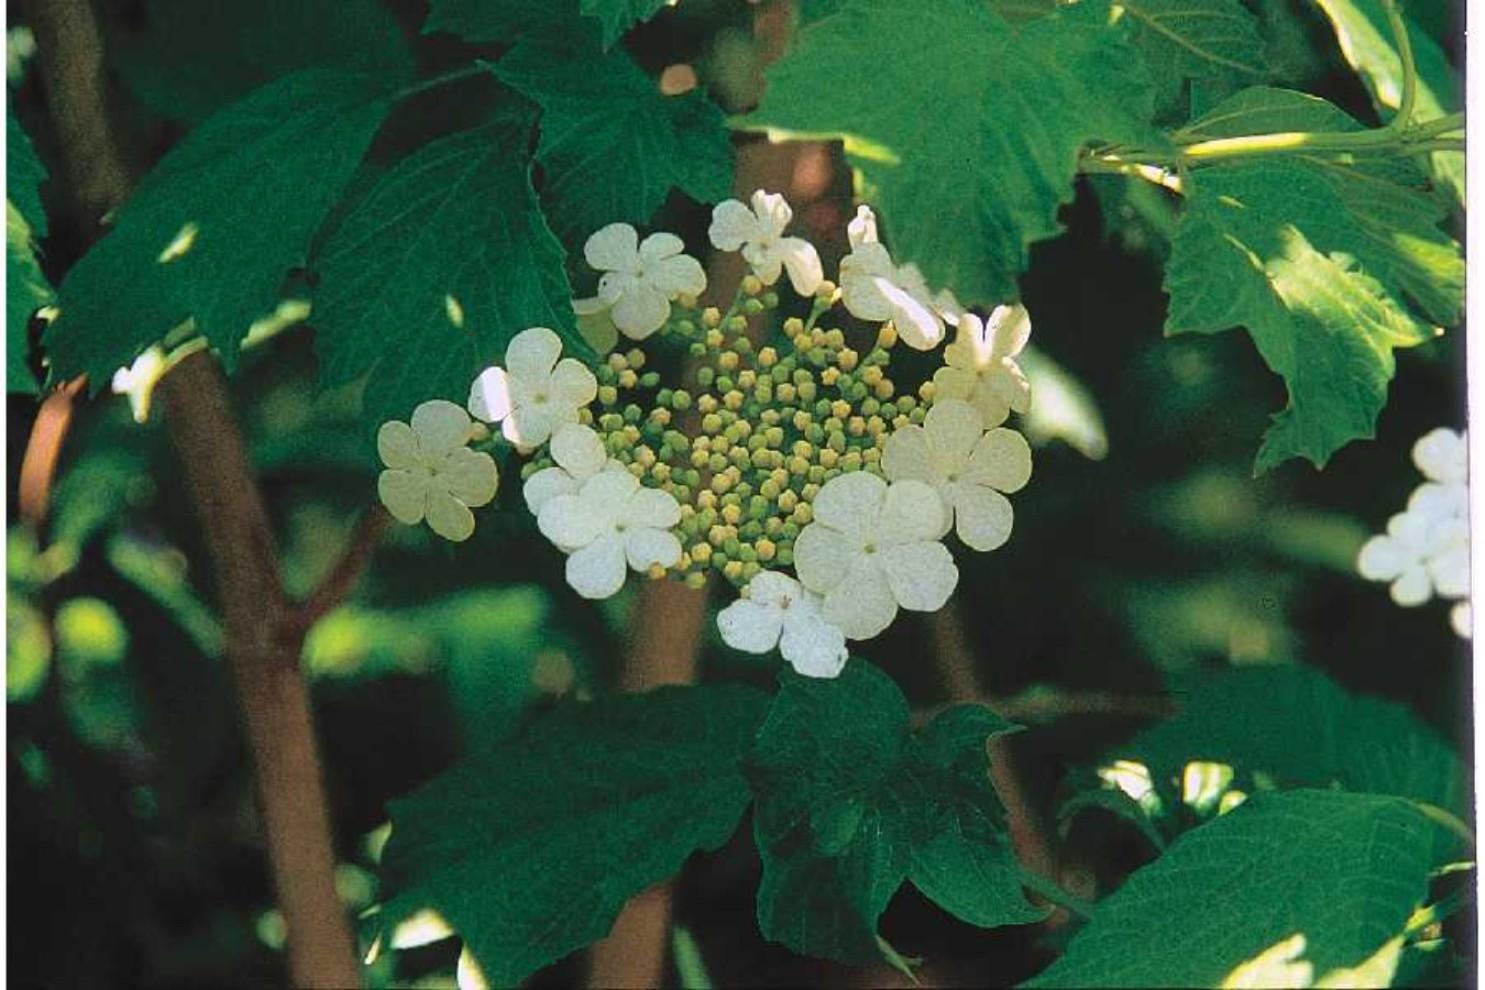 Viburnum opulus var. americanum   / Viburnum opulus var. americanum